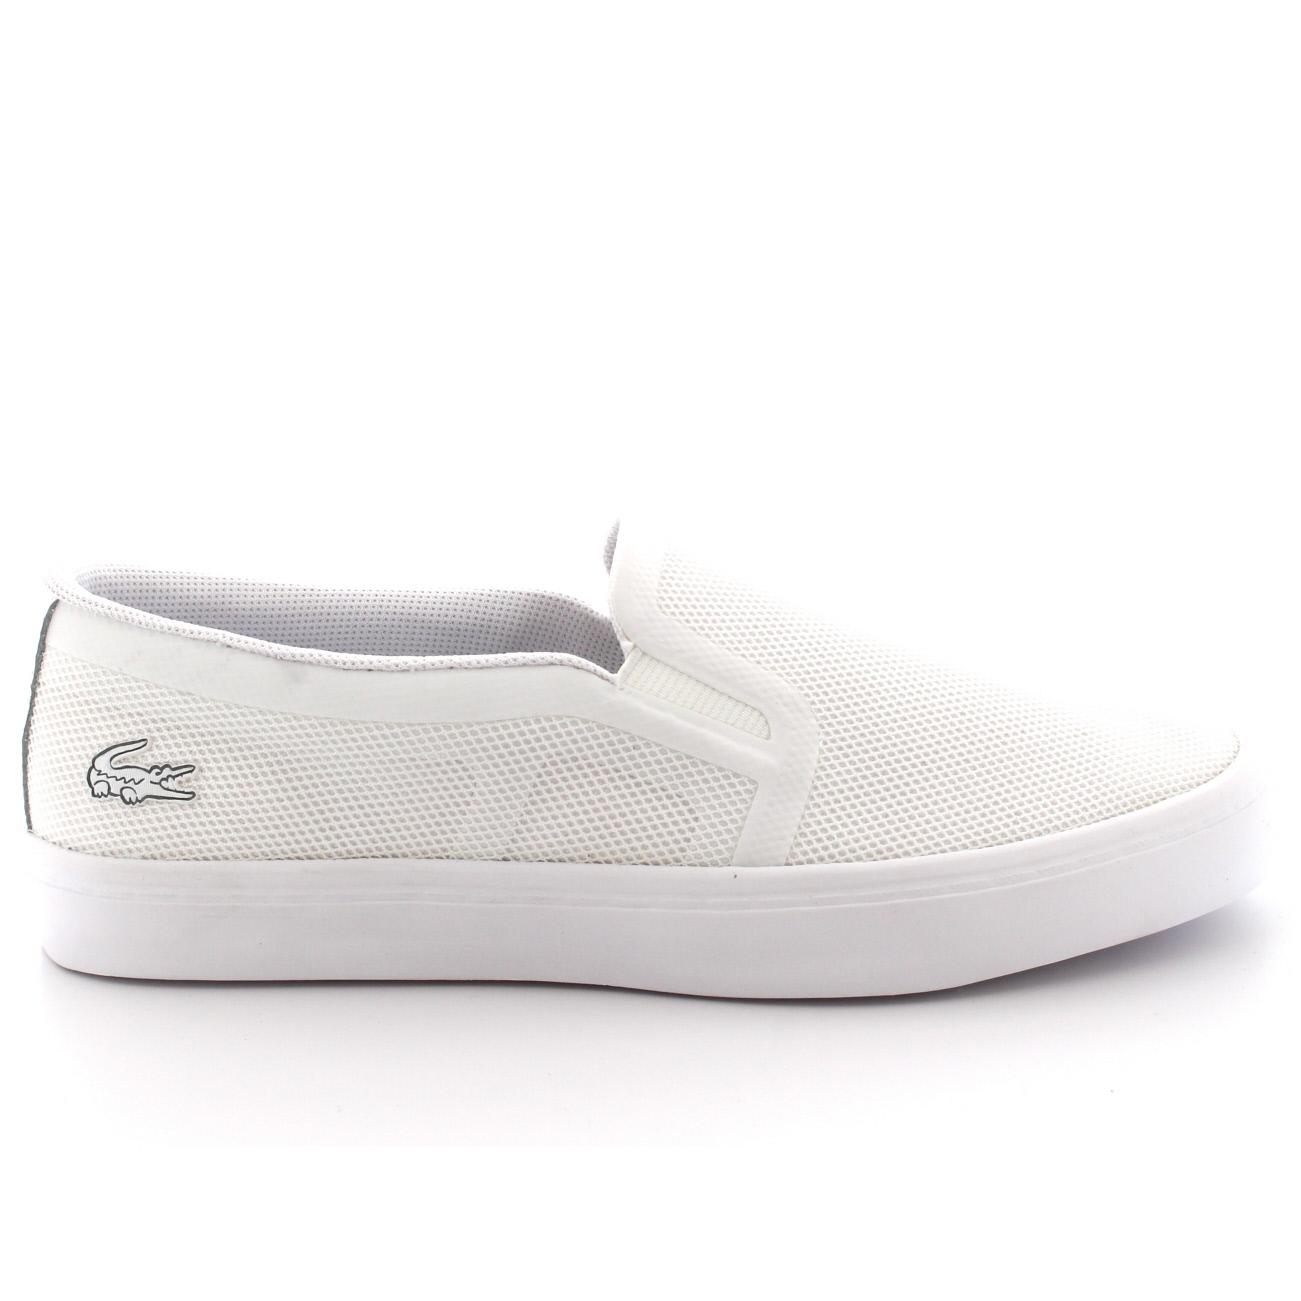 15de3974d Lacoste Gazon Sport Slip On 116 Sneakers